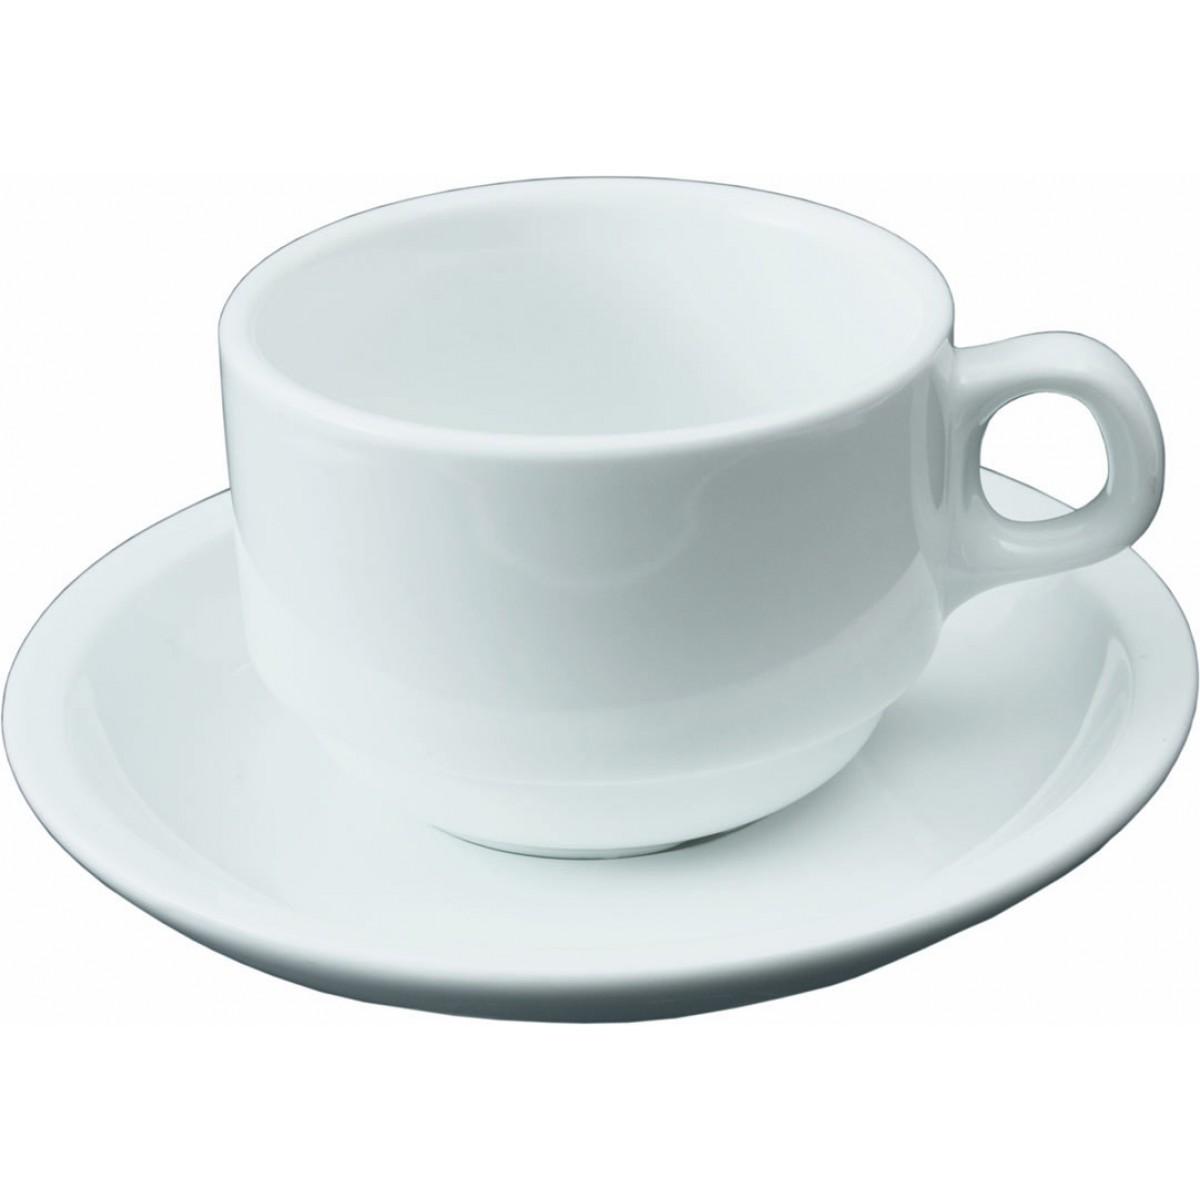 Kaffekopstabelbar-33